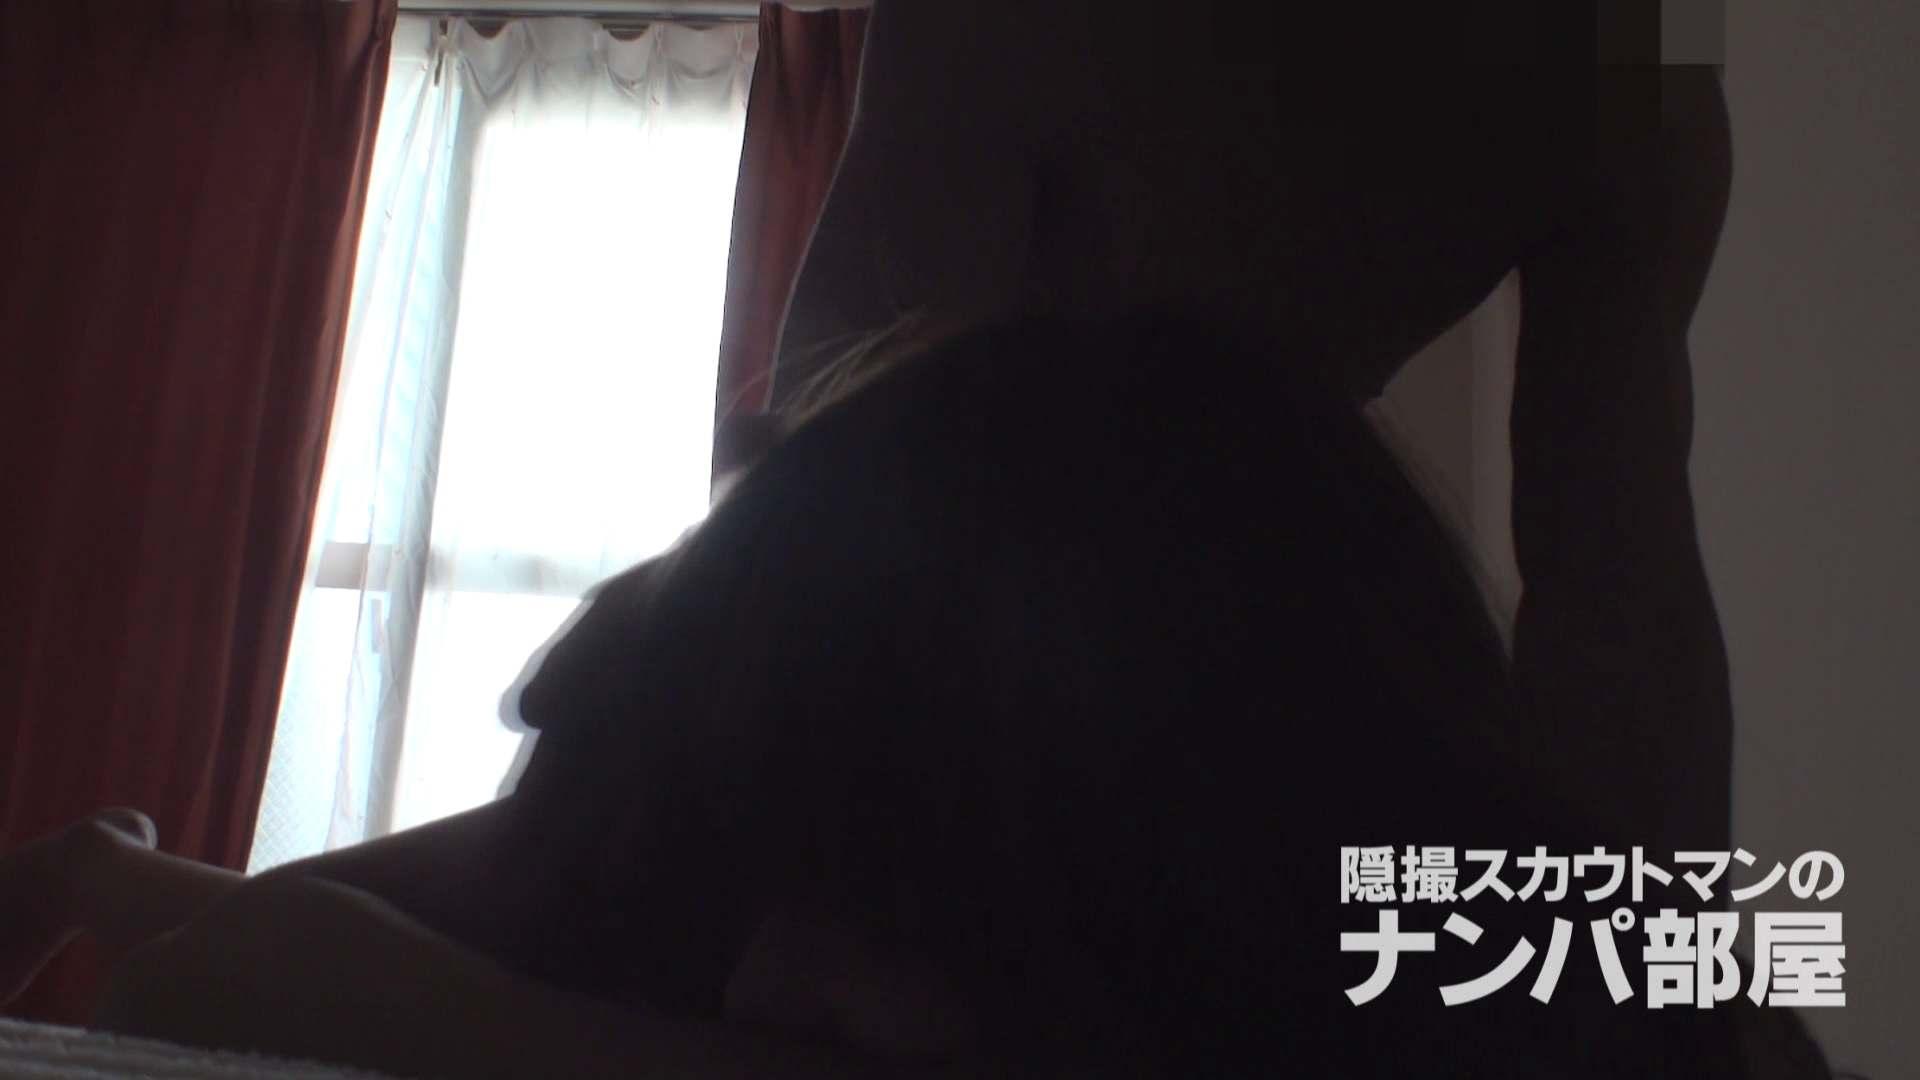 隠撮スカウトマンのナンパ部屋~風俗デビュー前のつまみ食い~ siivol.4 隠撮 | 中出し  91pic 71